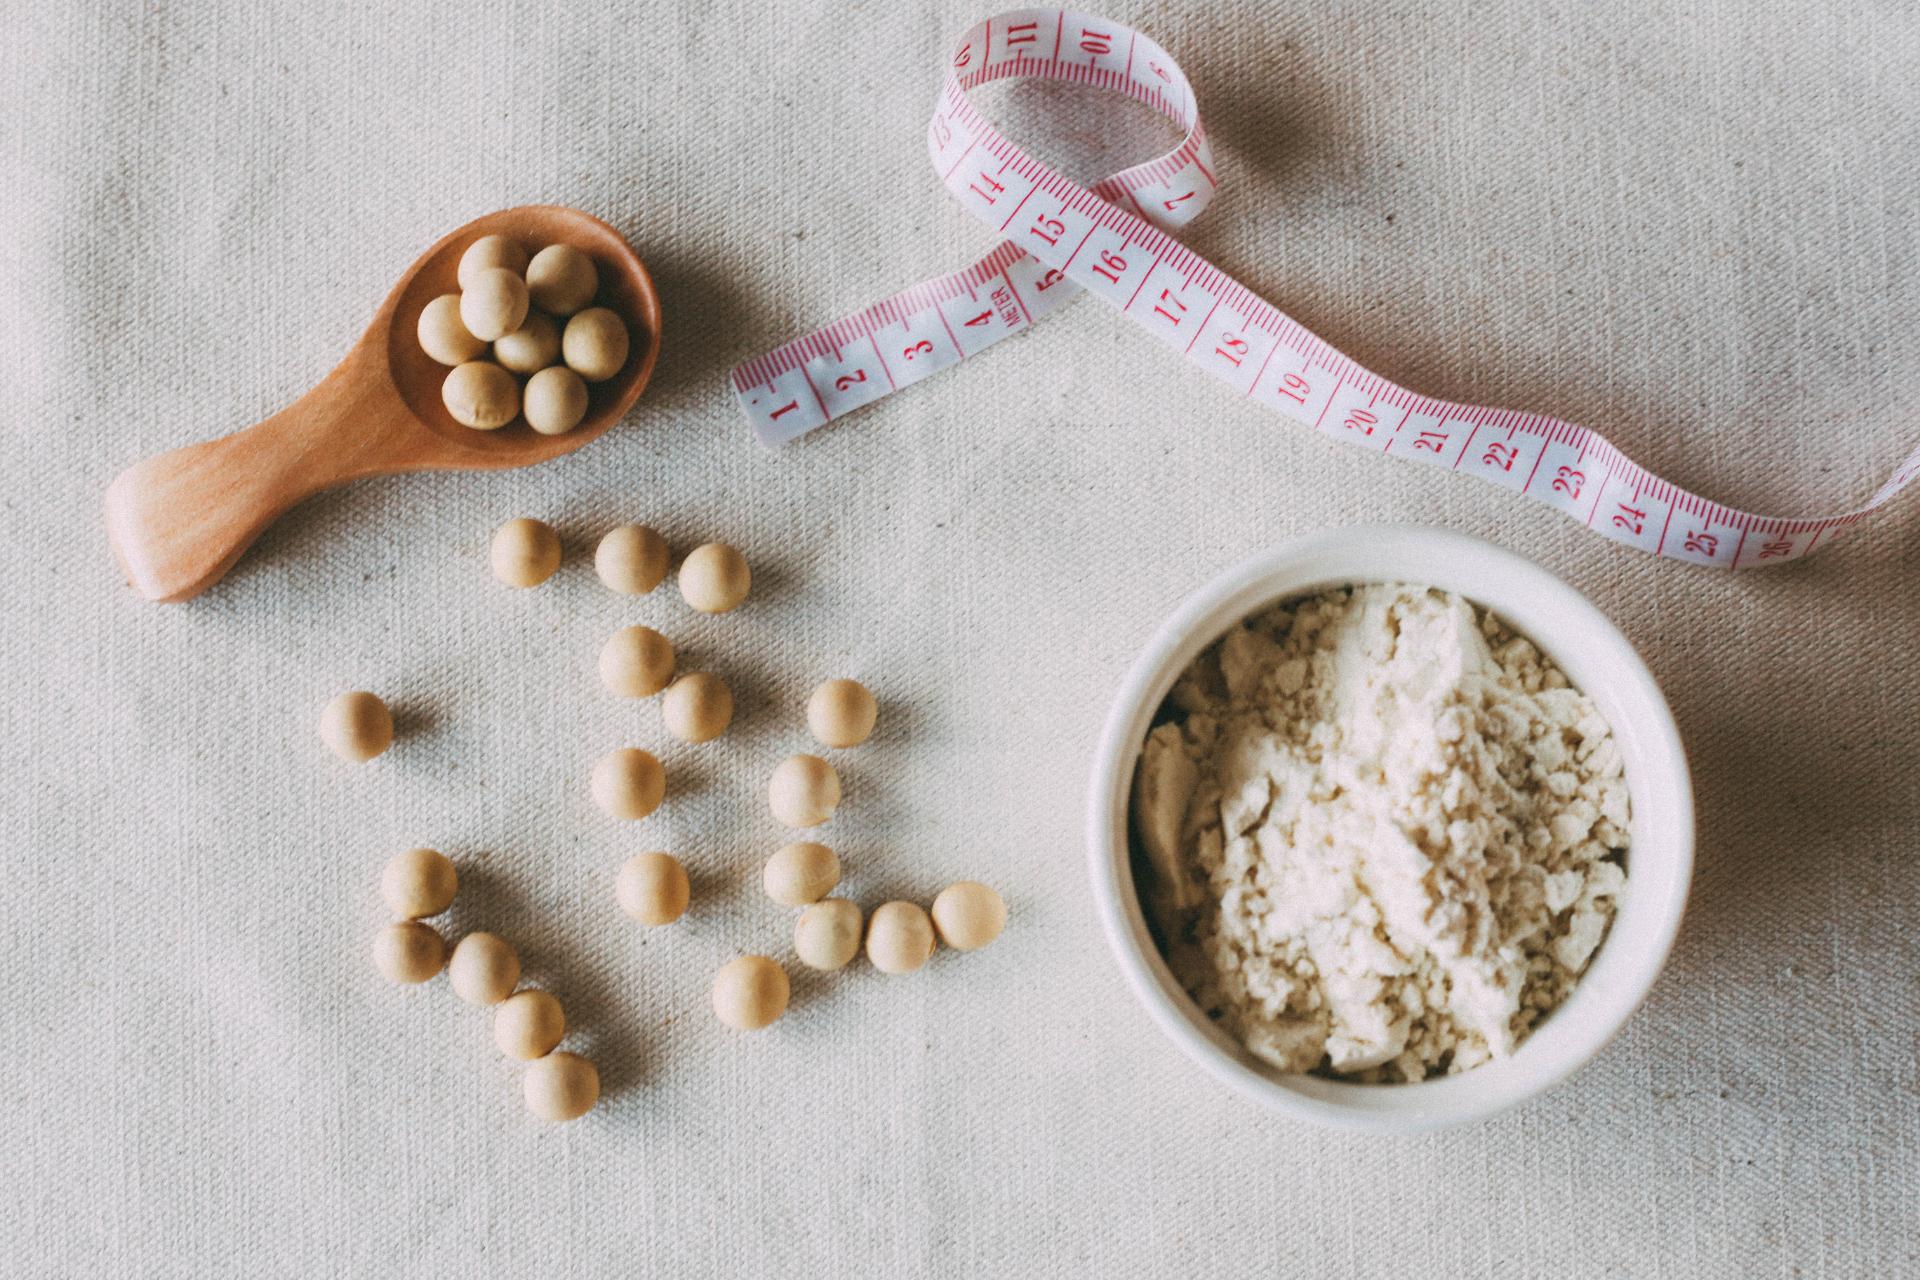 增肌的關鍵不只高蛋白!營養師:三餐「這樣吃」更能增肌減脂 - Yahoo